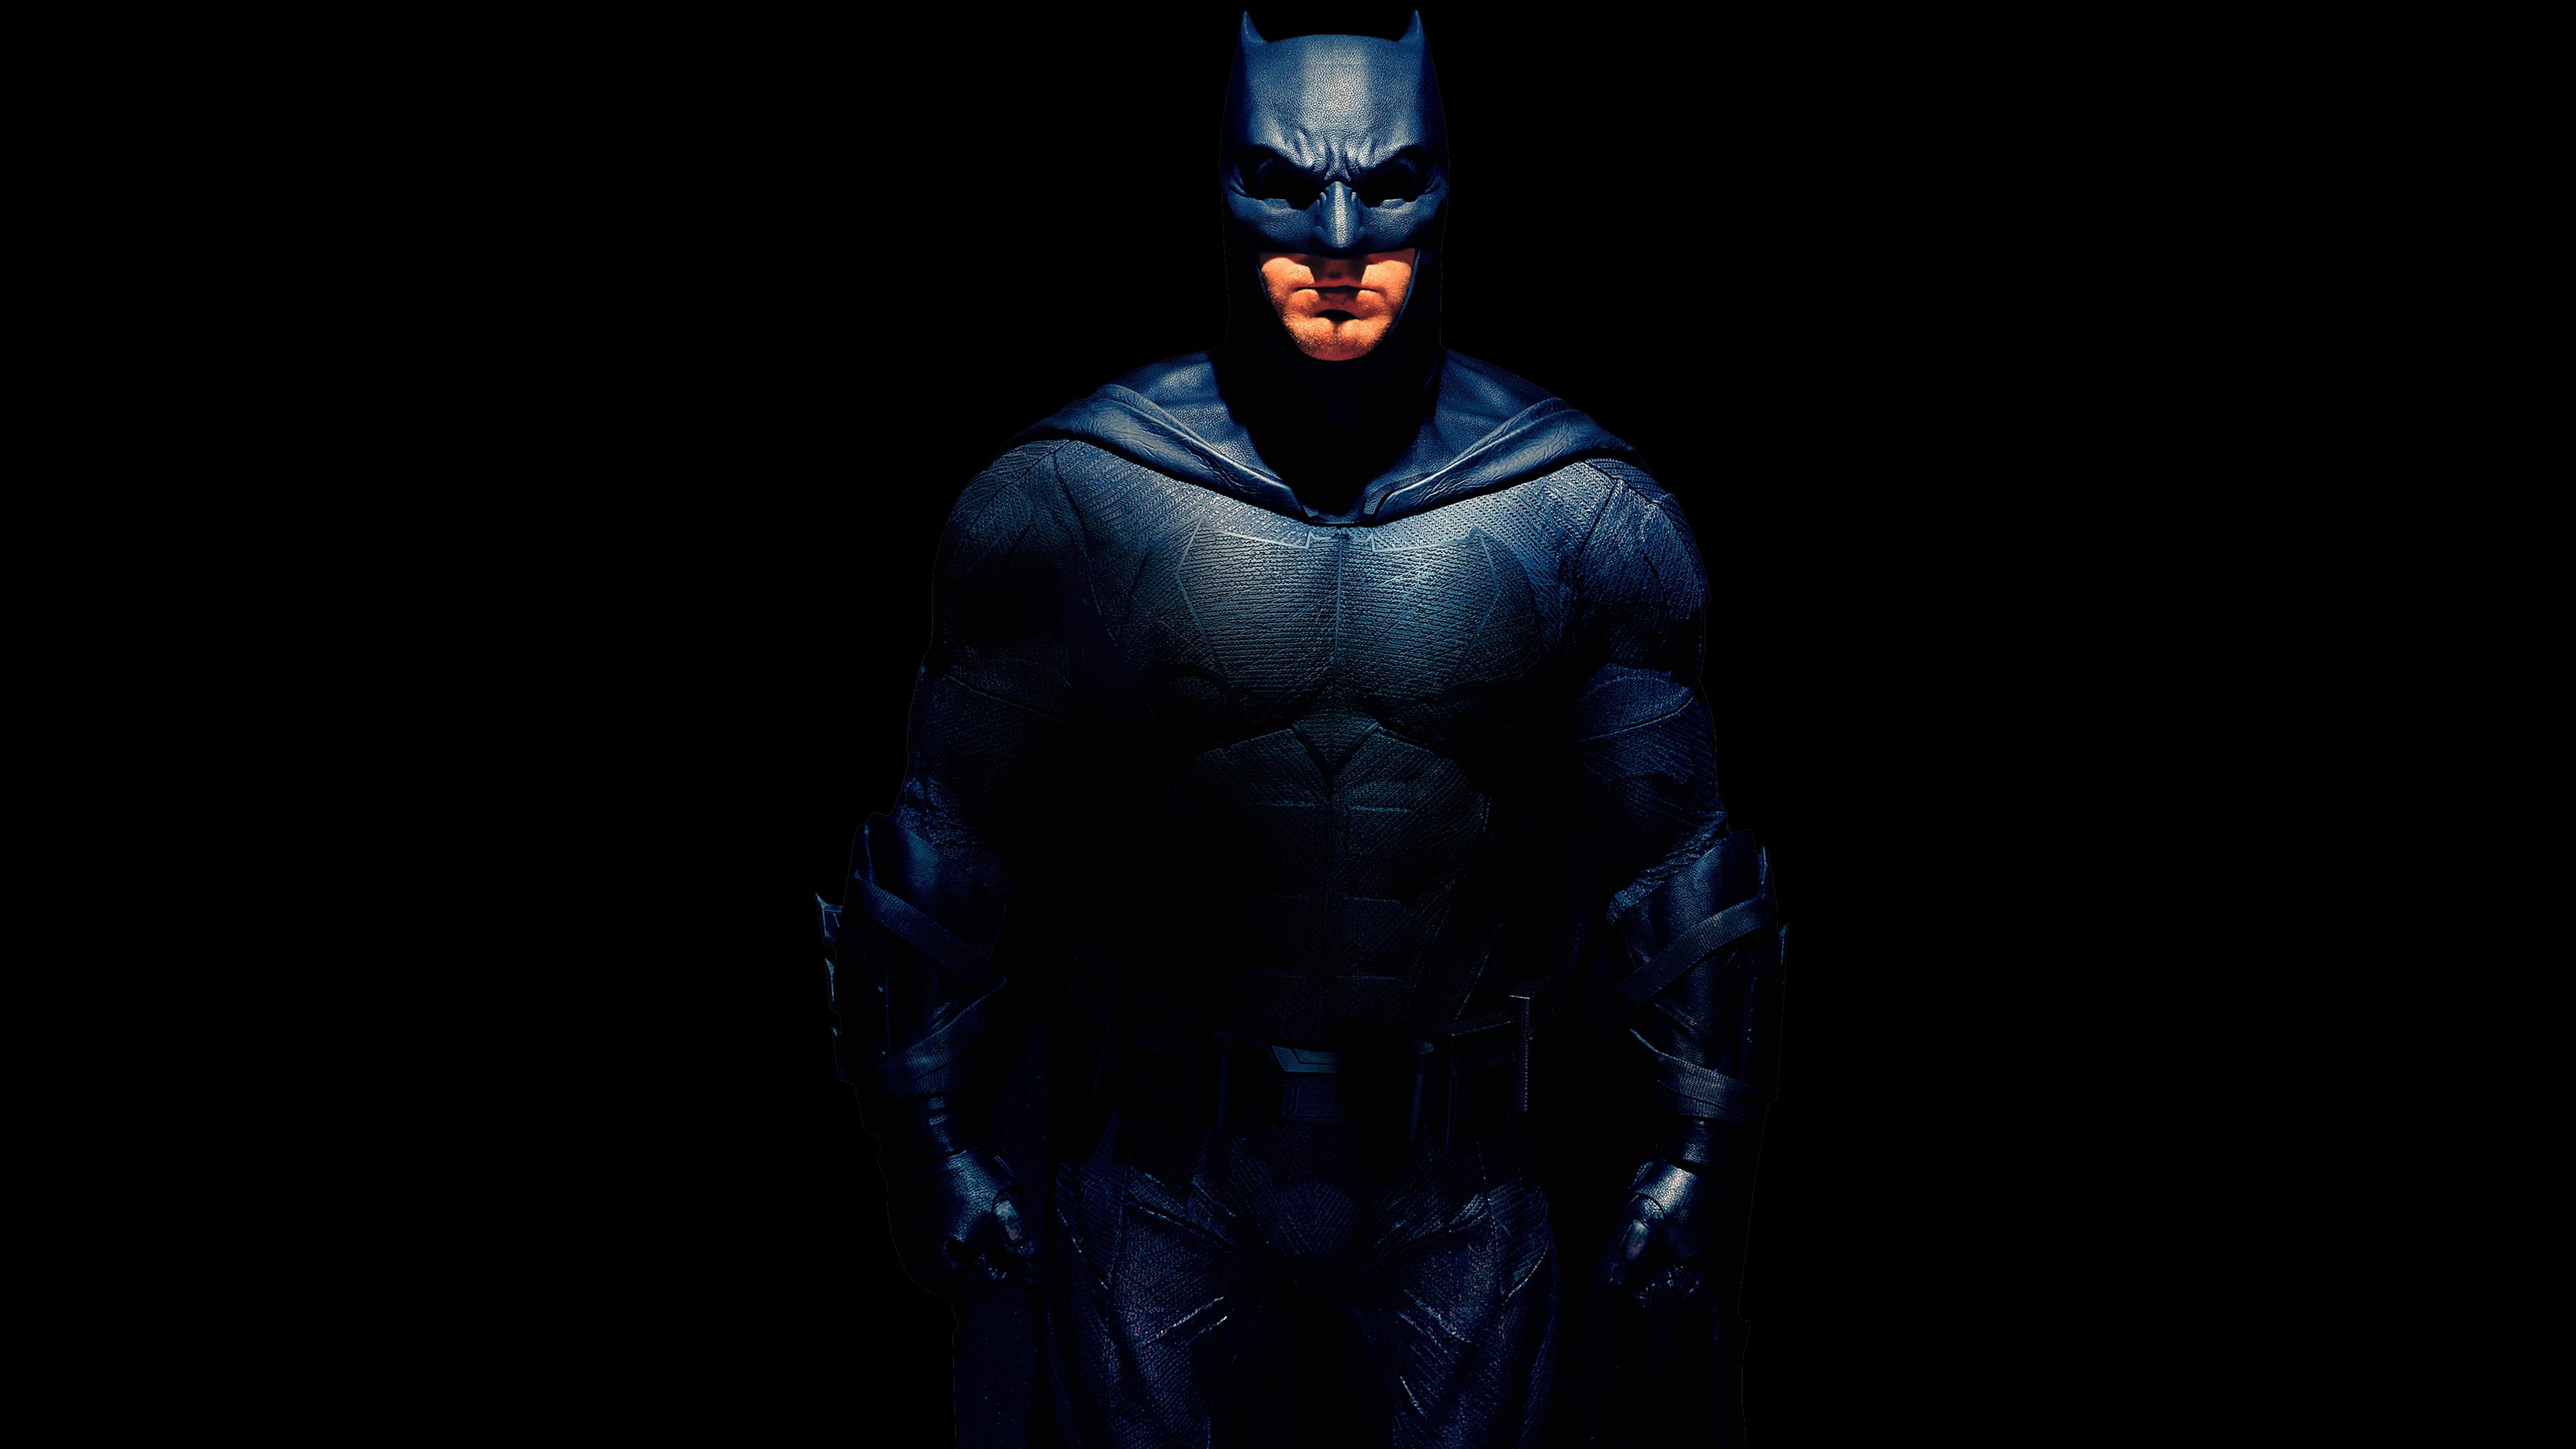 Download 3840x2400 Wallpaper Batman Superhero Justice